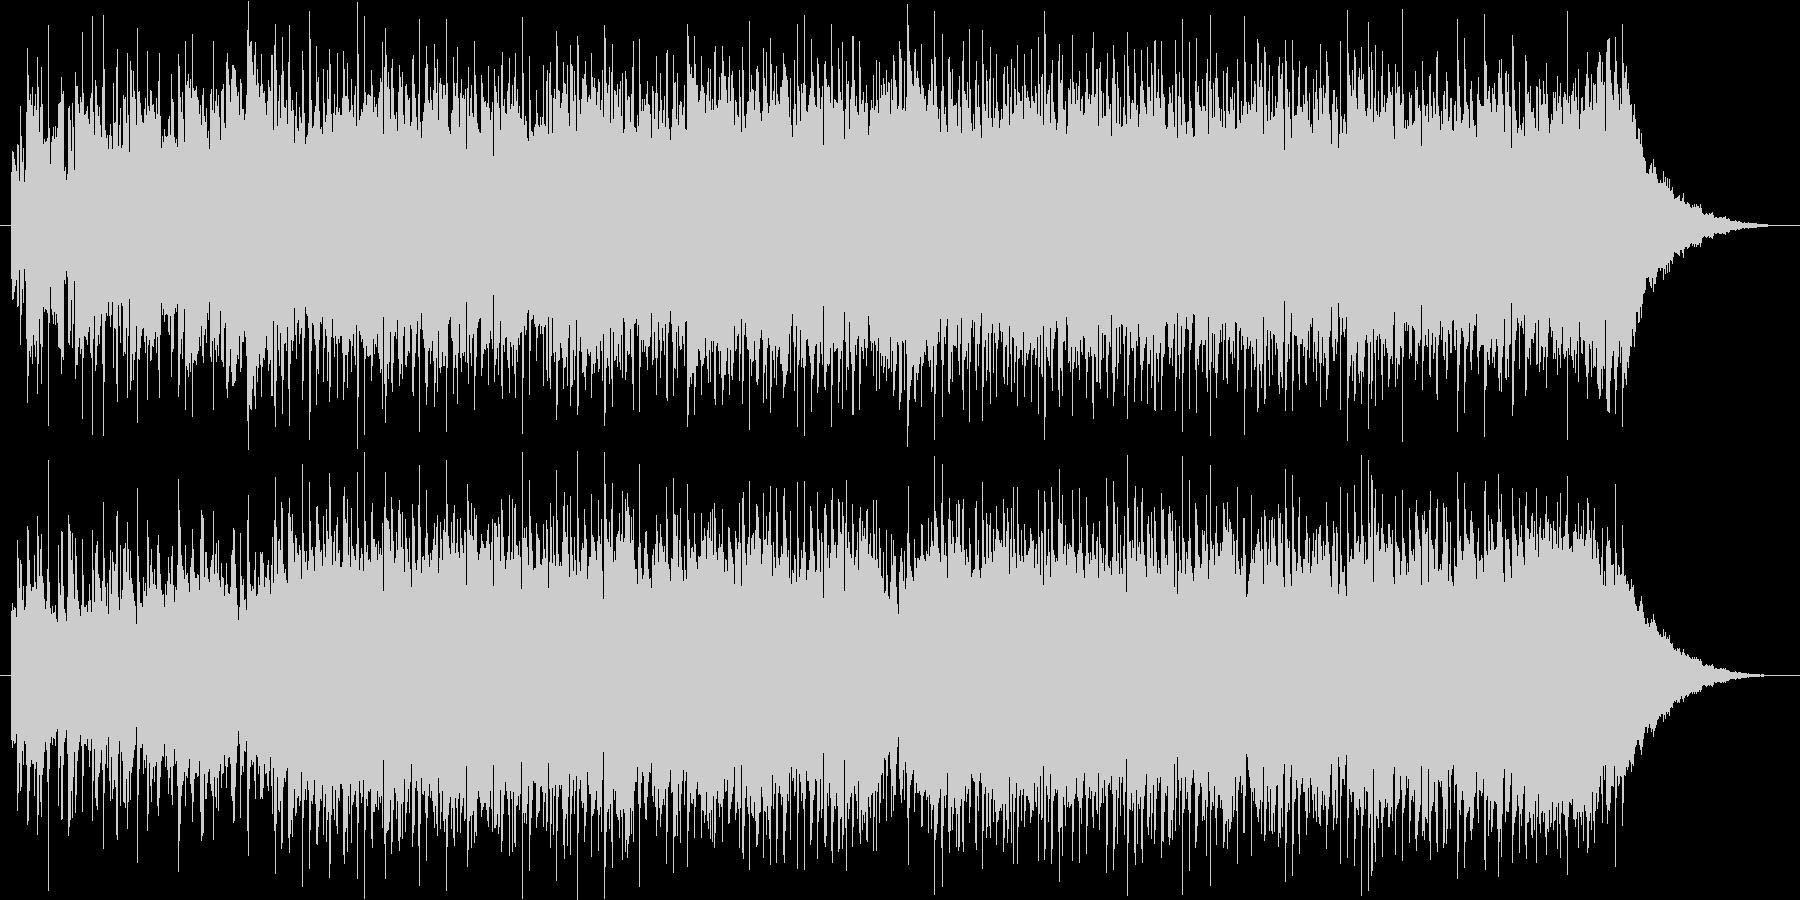 エルガー威風堂々のバンドアレンジの未再生の波形